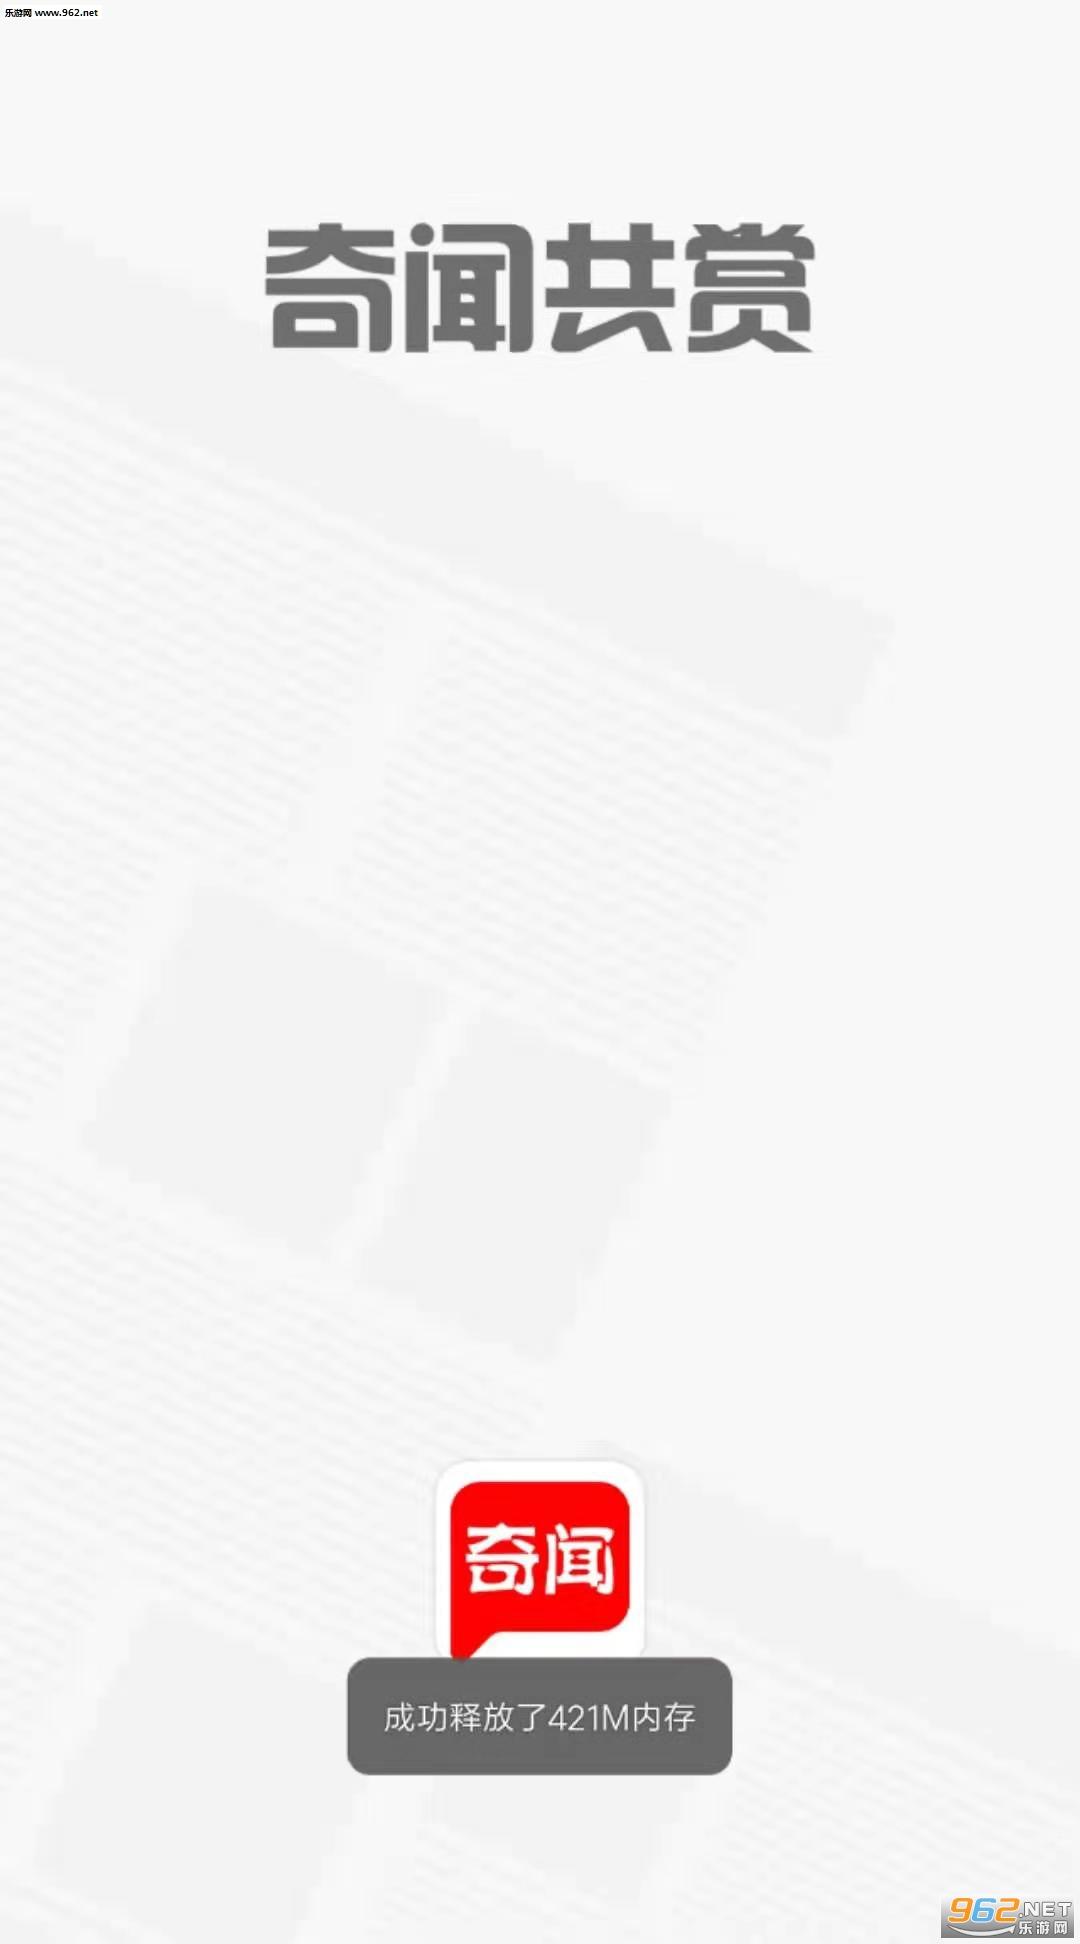 奇闻共赏赚钱软件v4.0.1 安卓最新版截图1